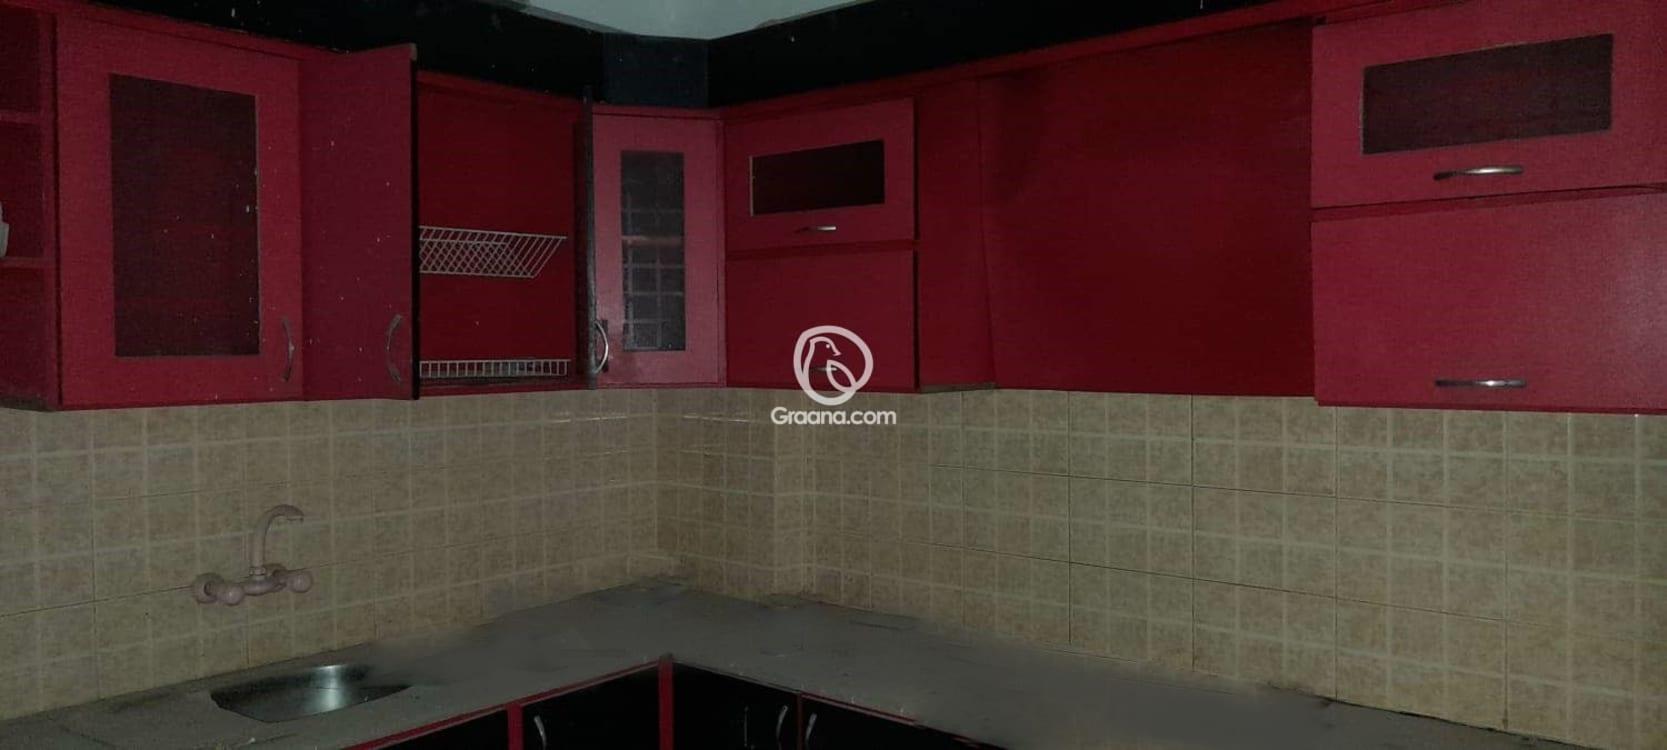 3rd Floor 1000 Sqft Apartment for Rent | Graana.com